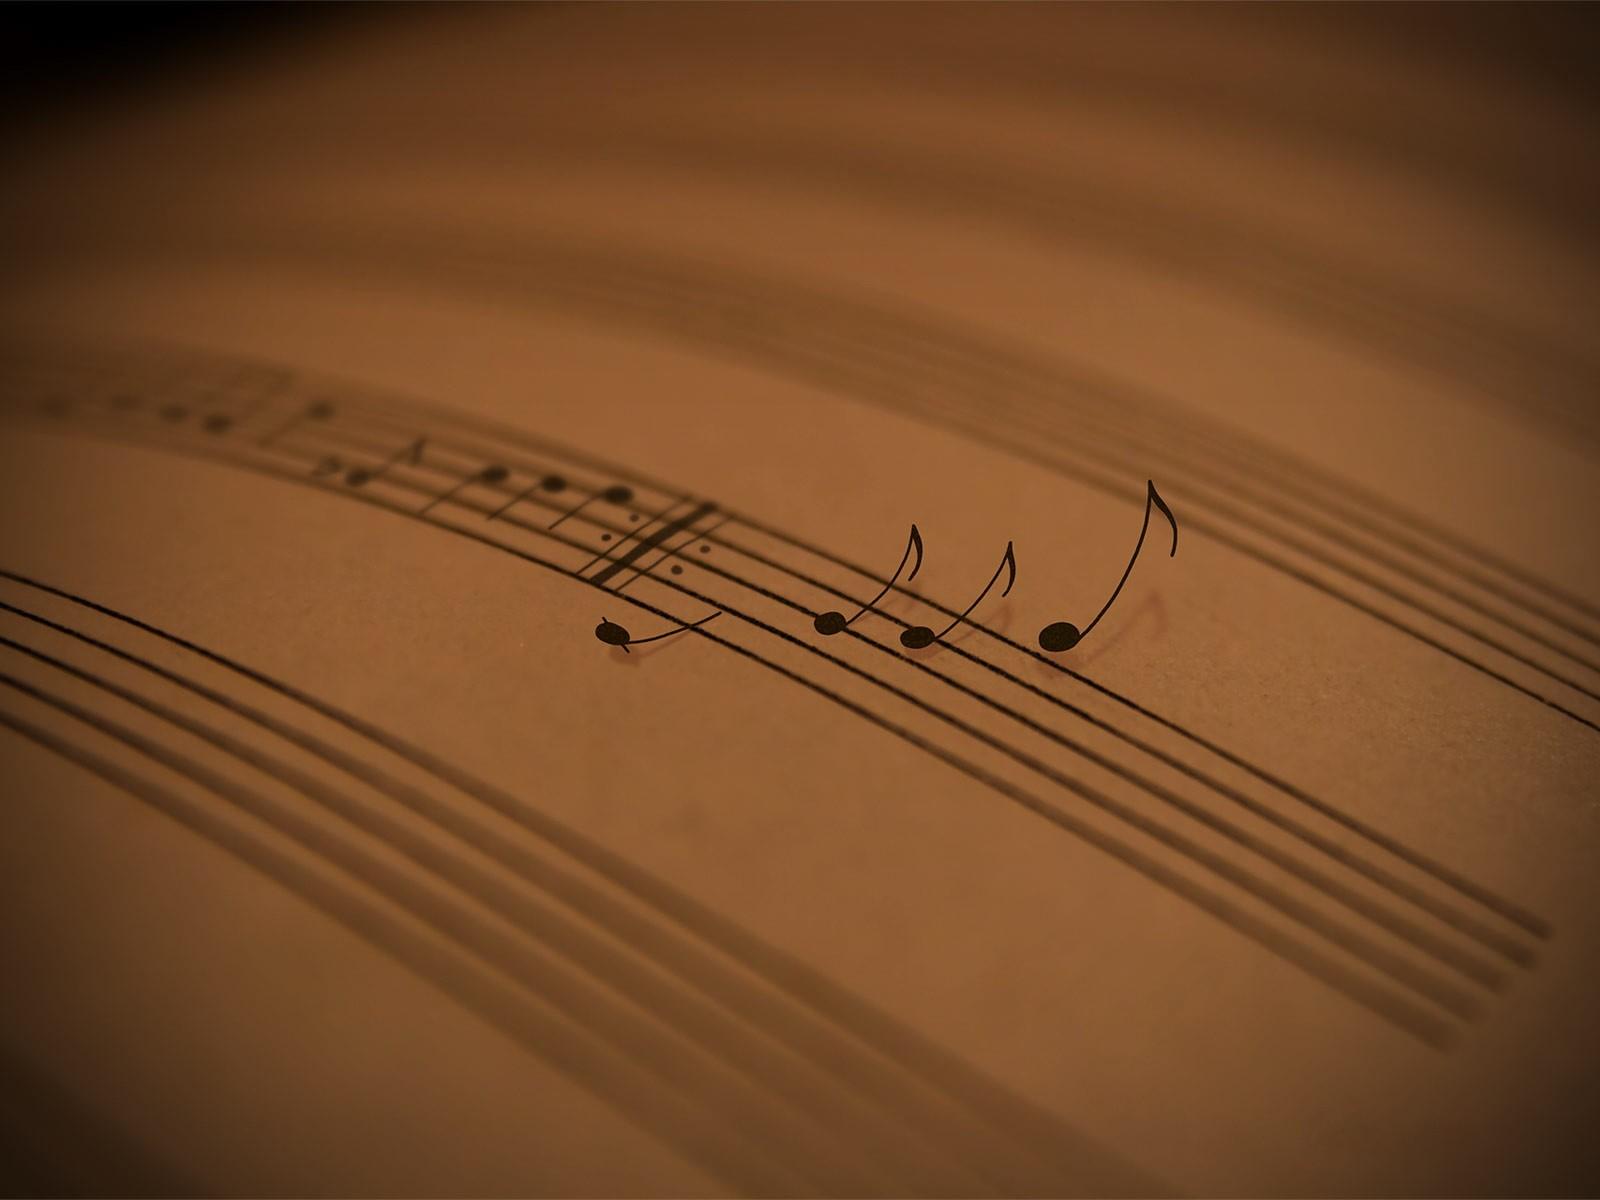 دانلود آهنگ جدید صوفی و میلاد خیانت